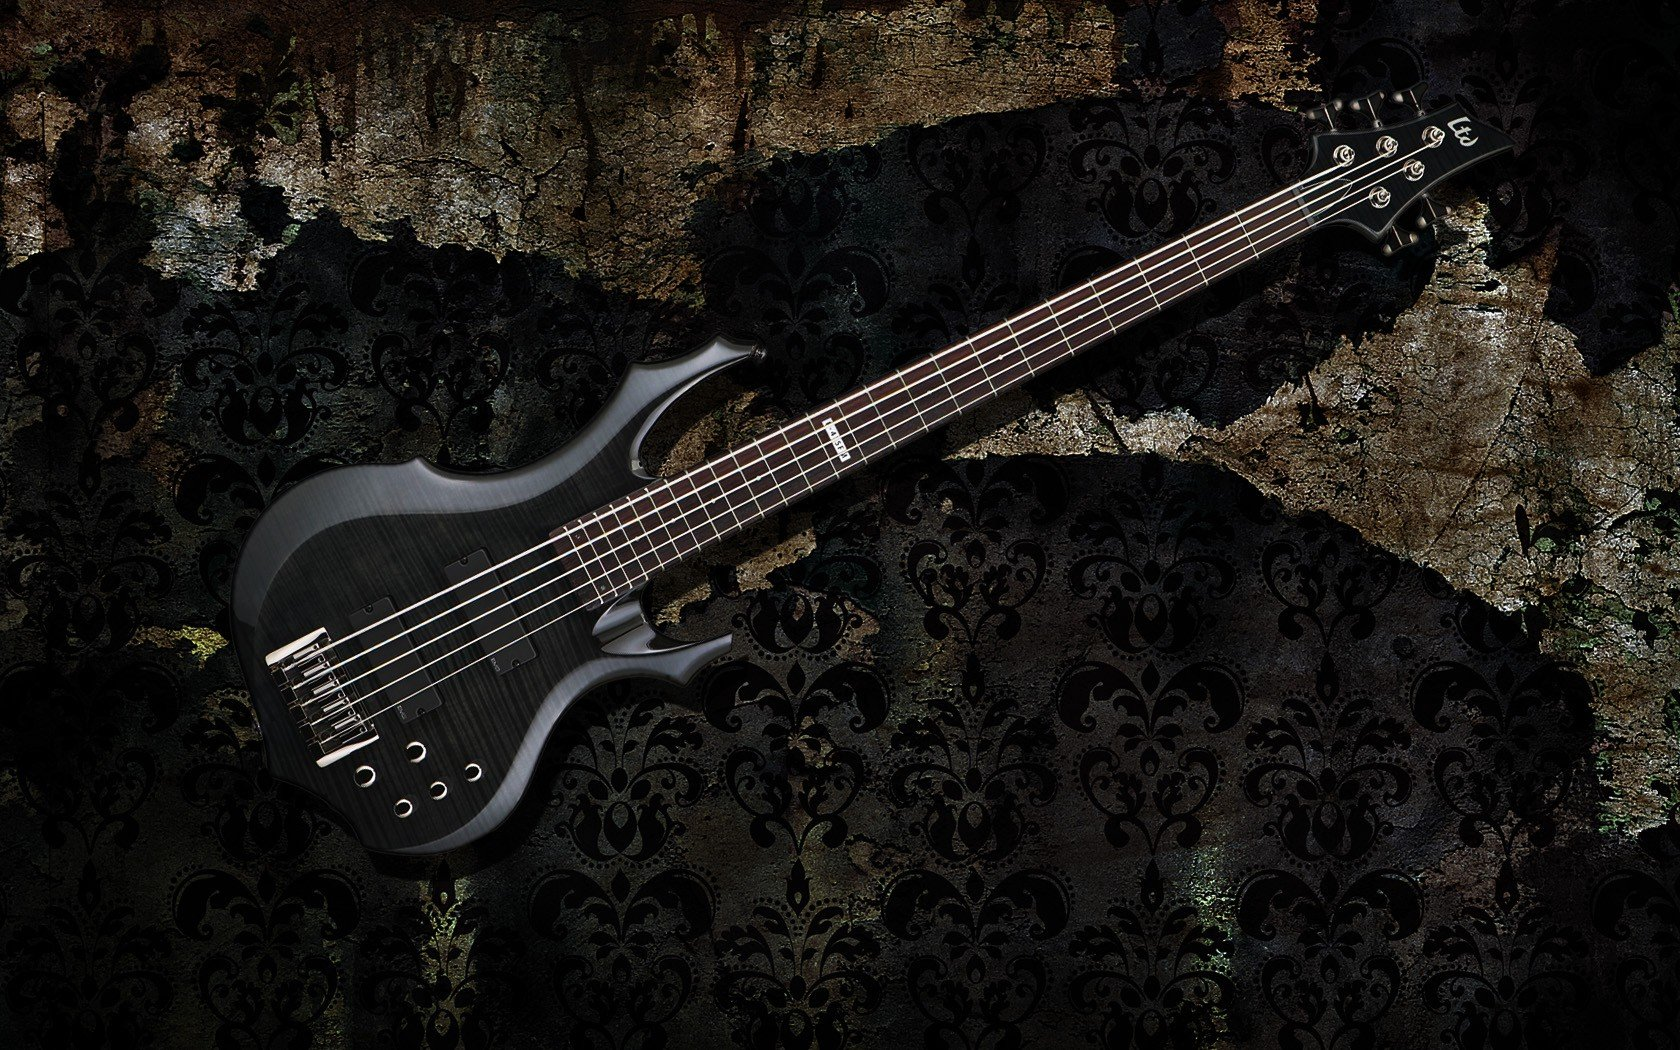 Download Music Bass Wallpaper 1680x1050 Wallpoper 290936 1680x1050